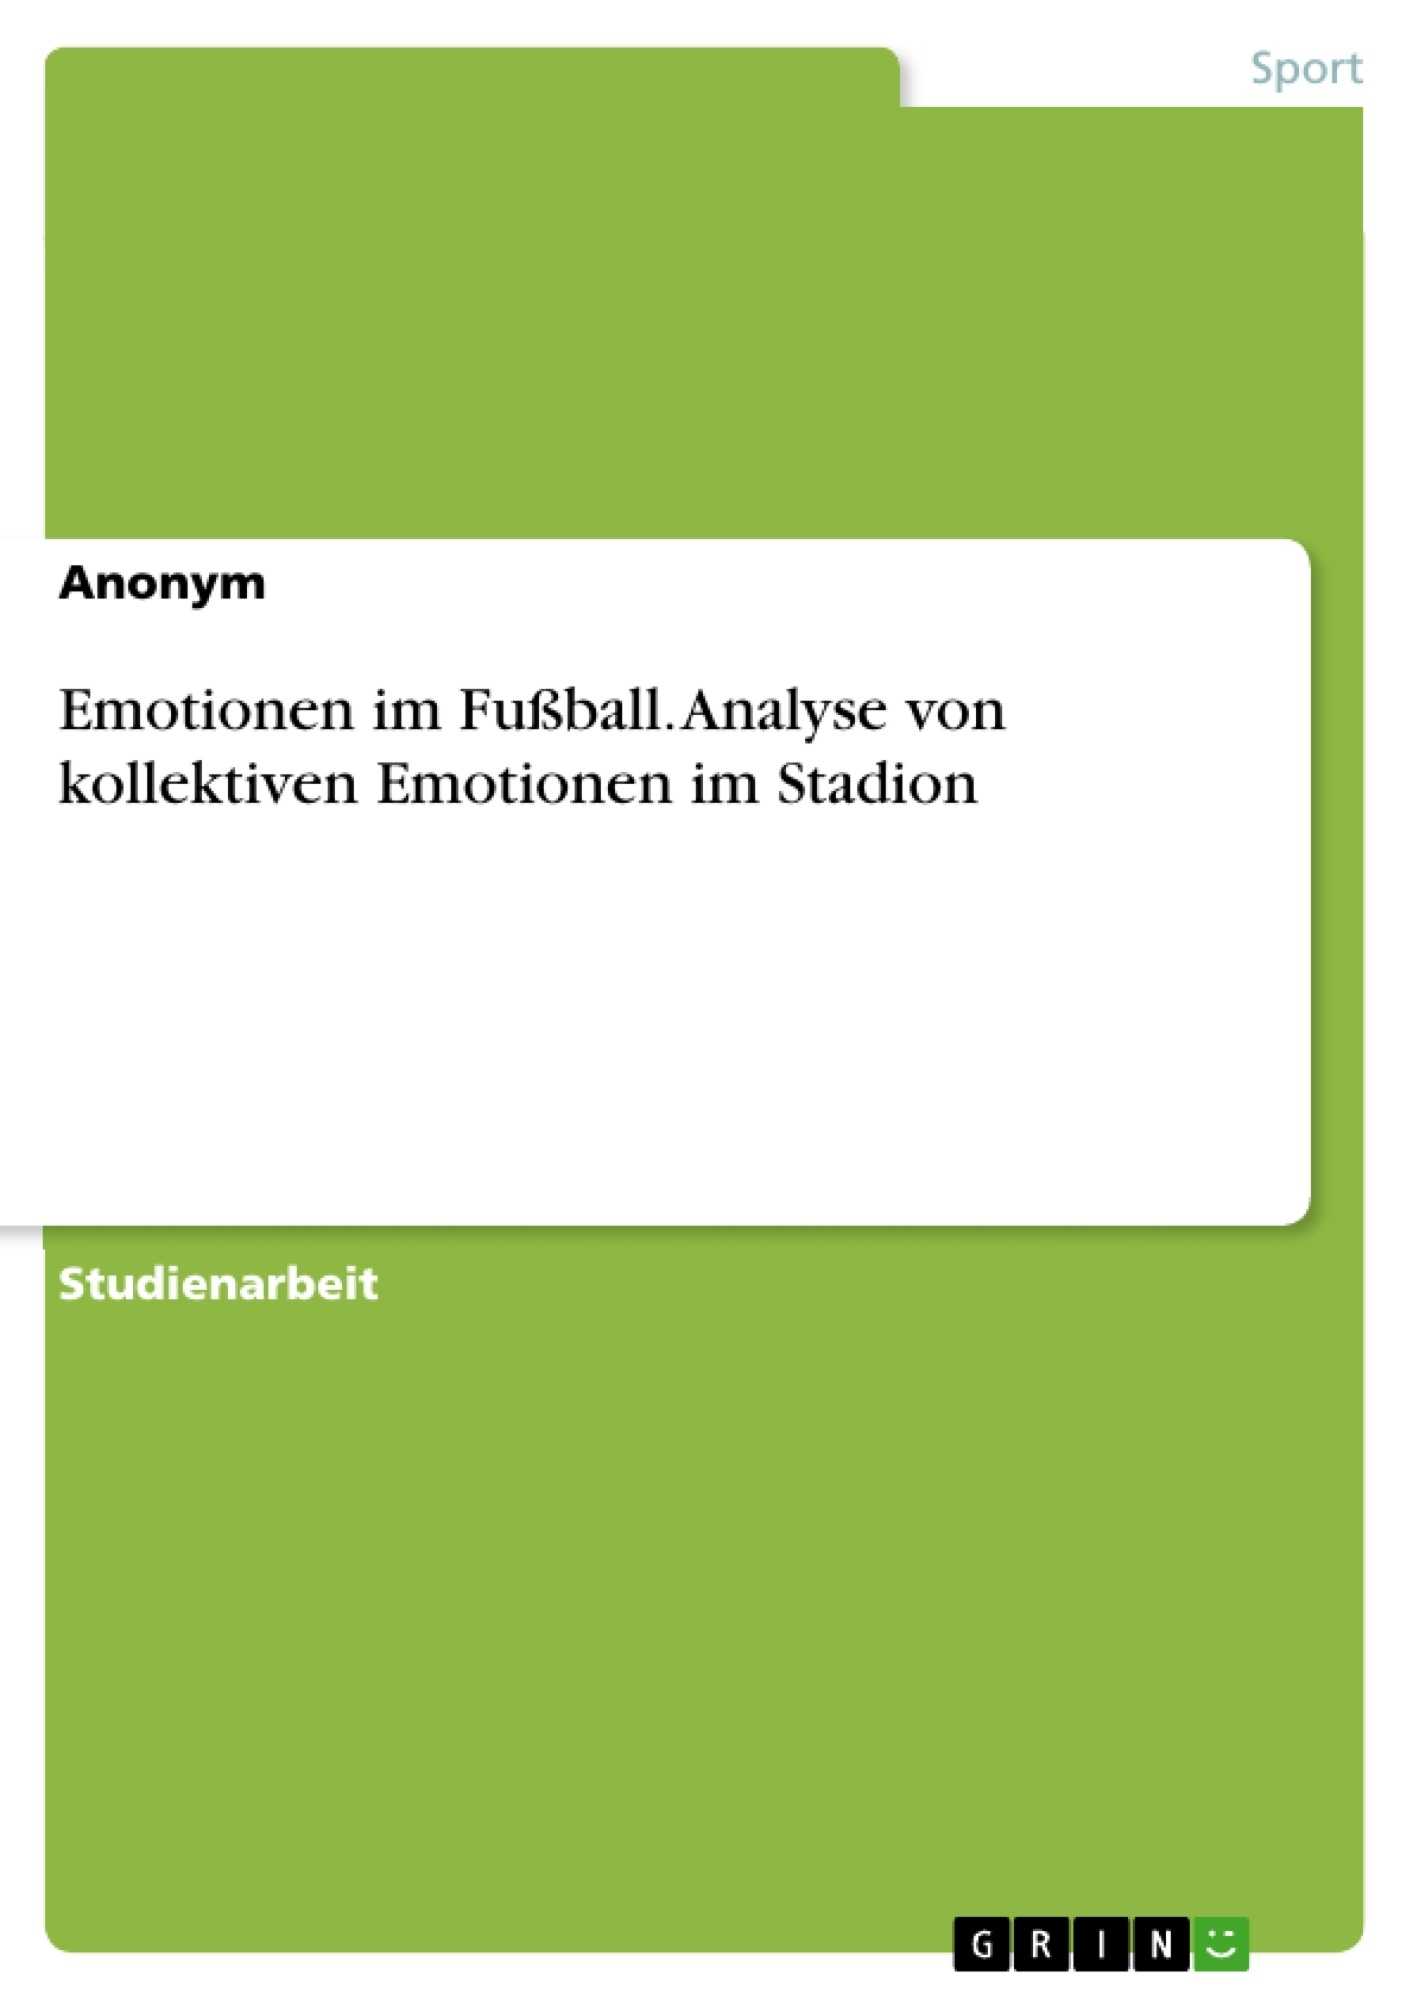 Titel: Emotionen im Fußball. Analyse von kollektiven Emotionen im Stadion